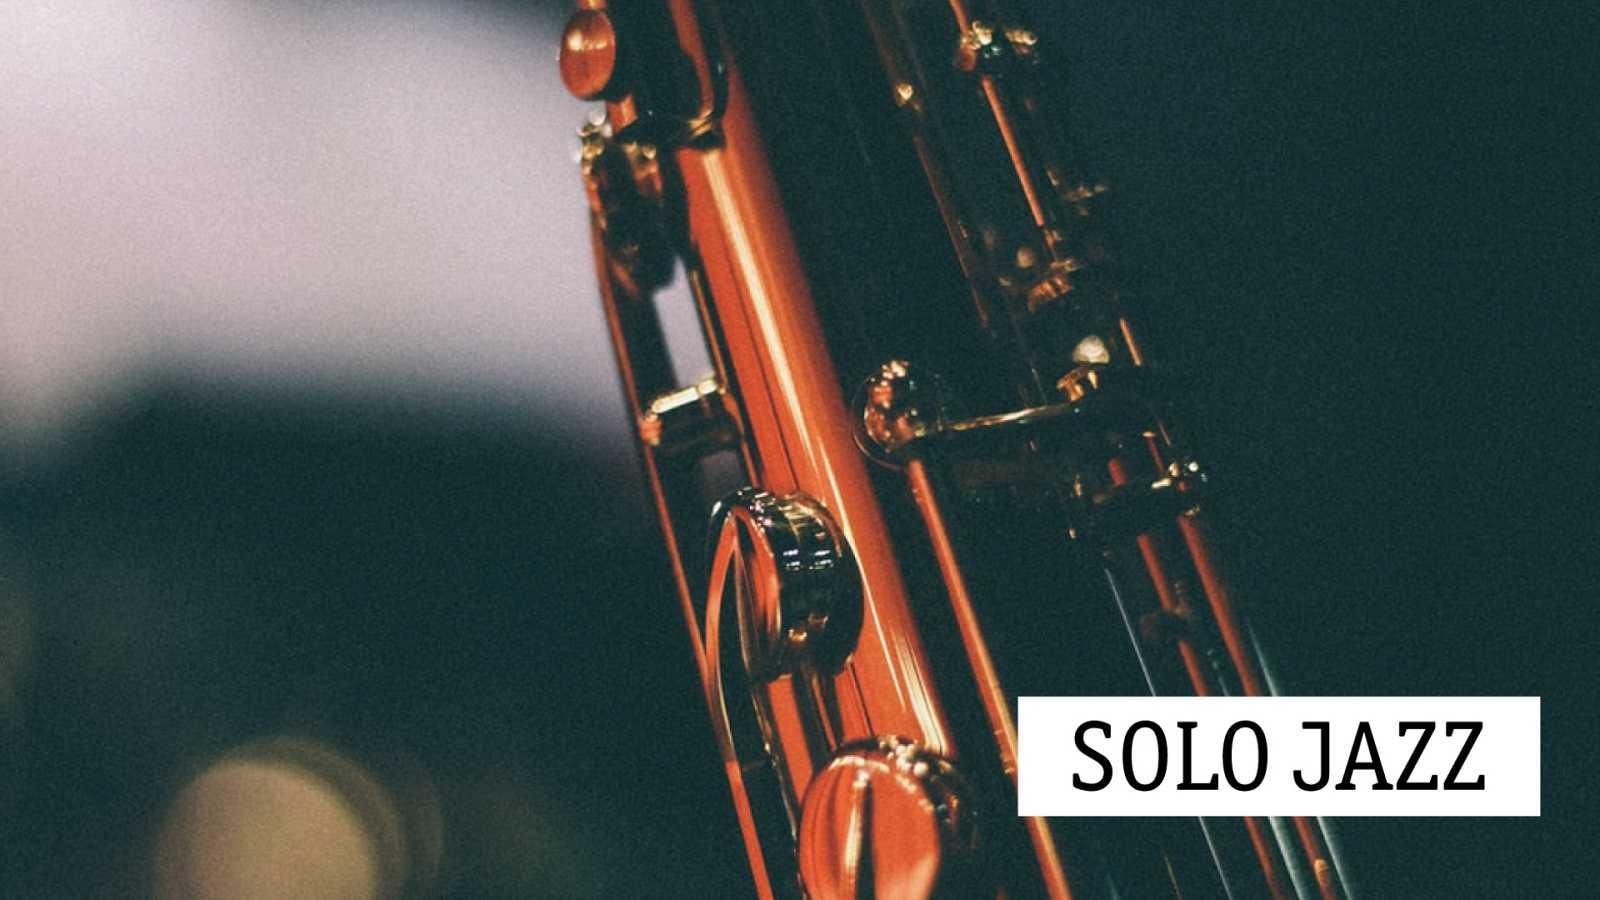 Solo Jazz - Tomasz Stanko, el campeón de la trompeta europeo - 26/04/21 - escuchar ahora